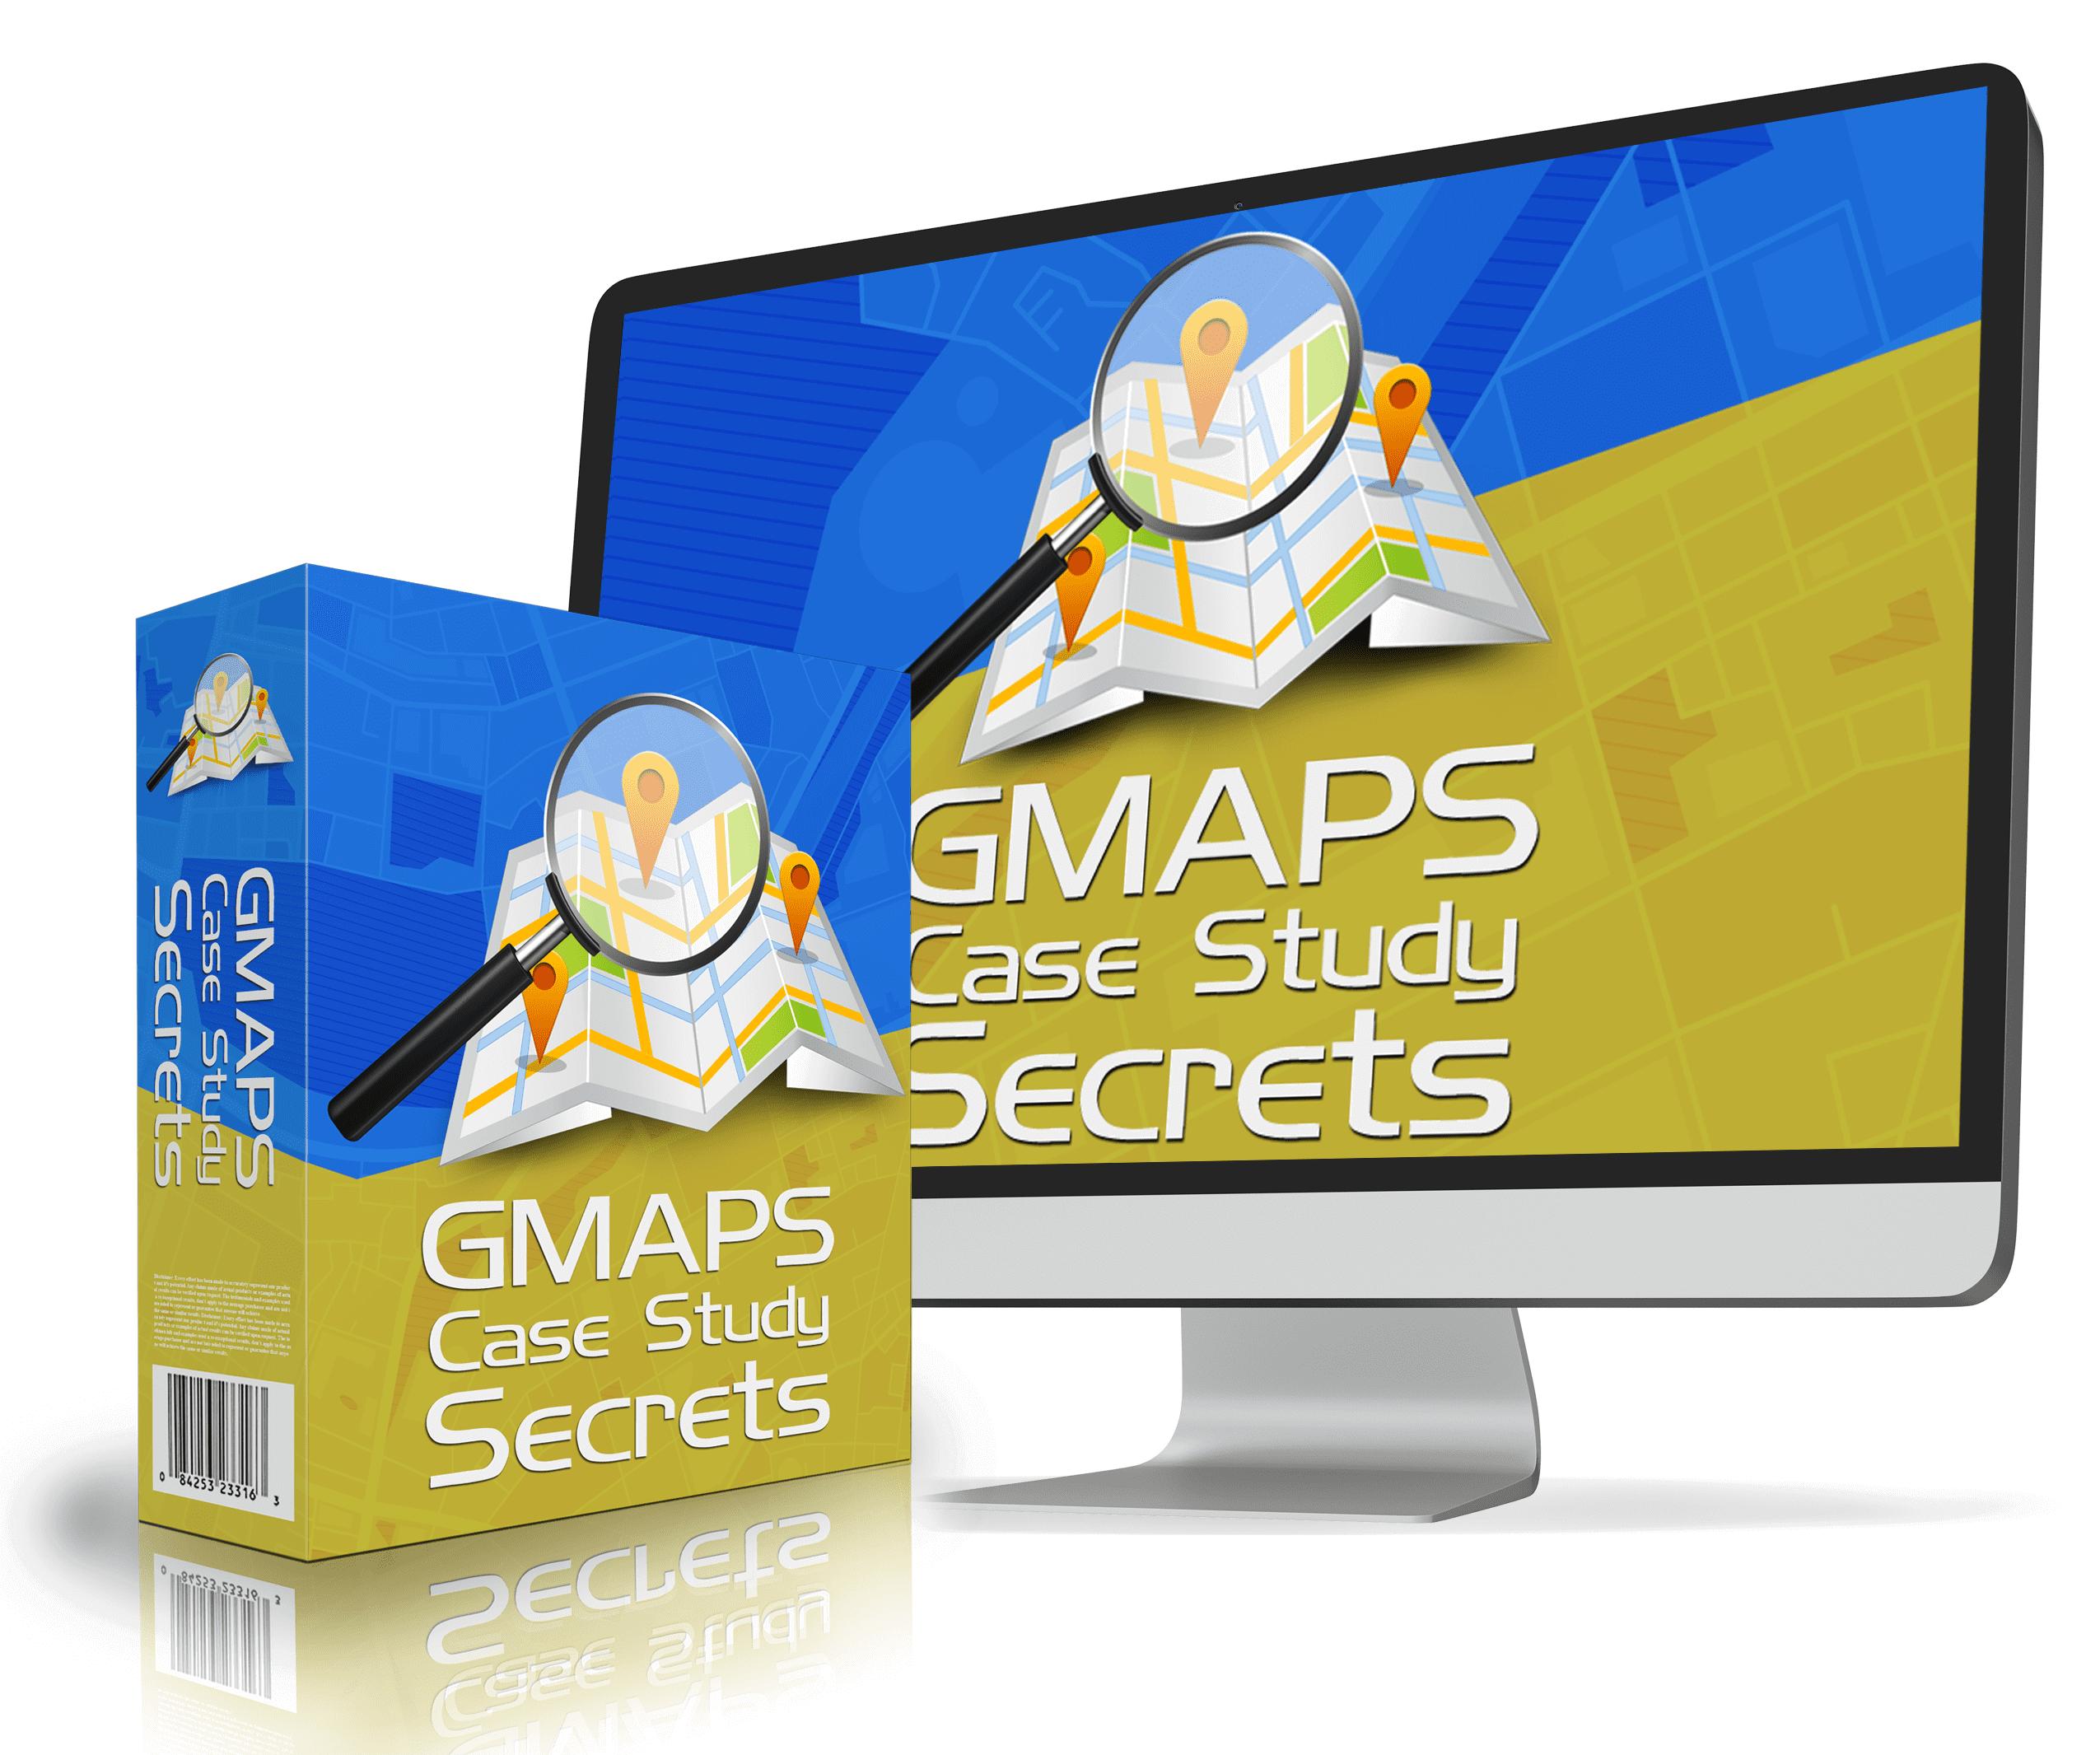 GMAPS-Case-Study-Secrets-Review